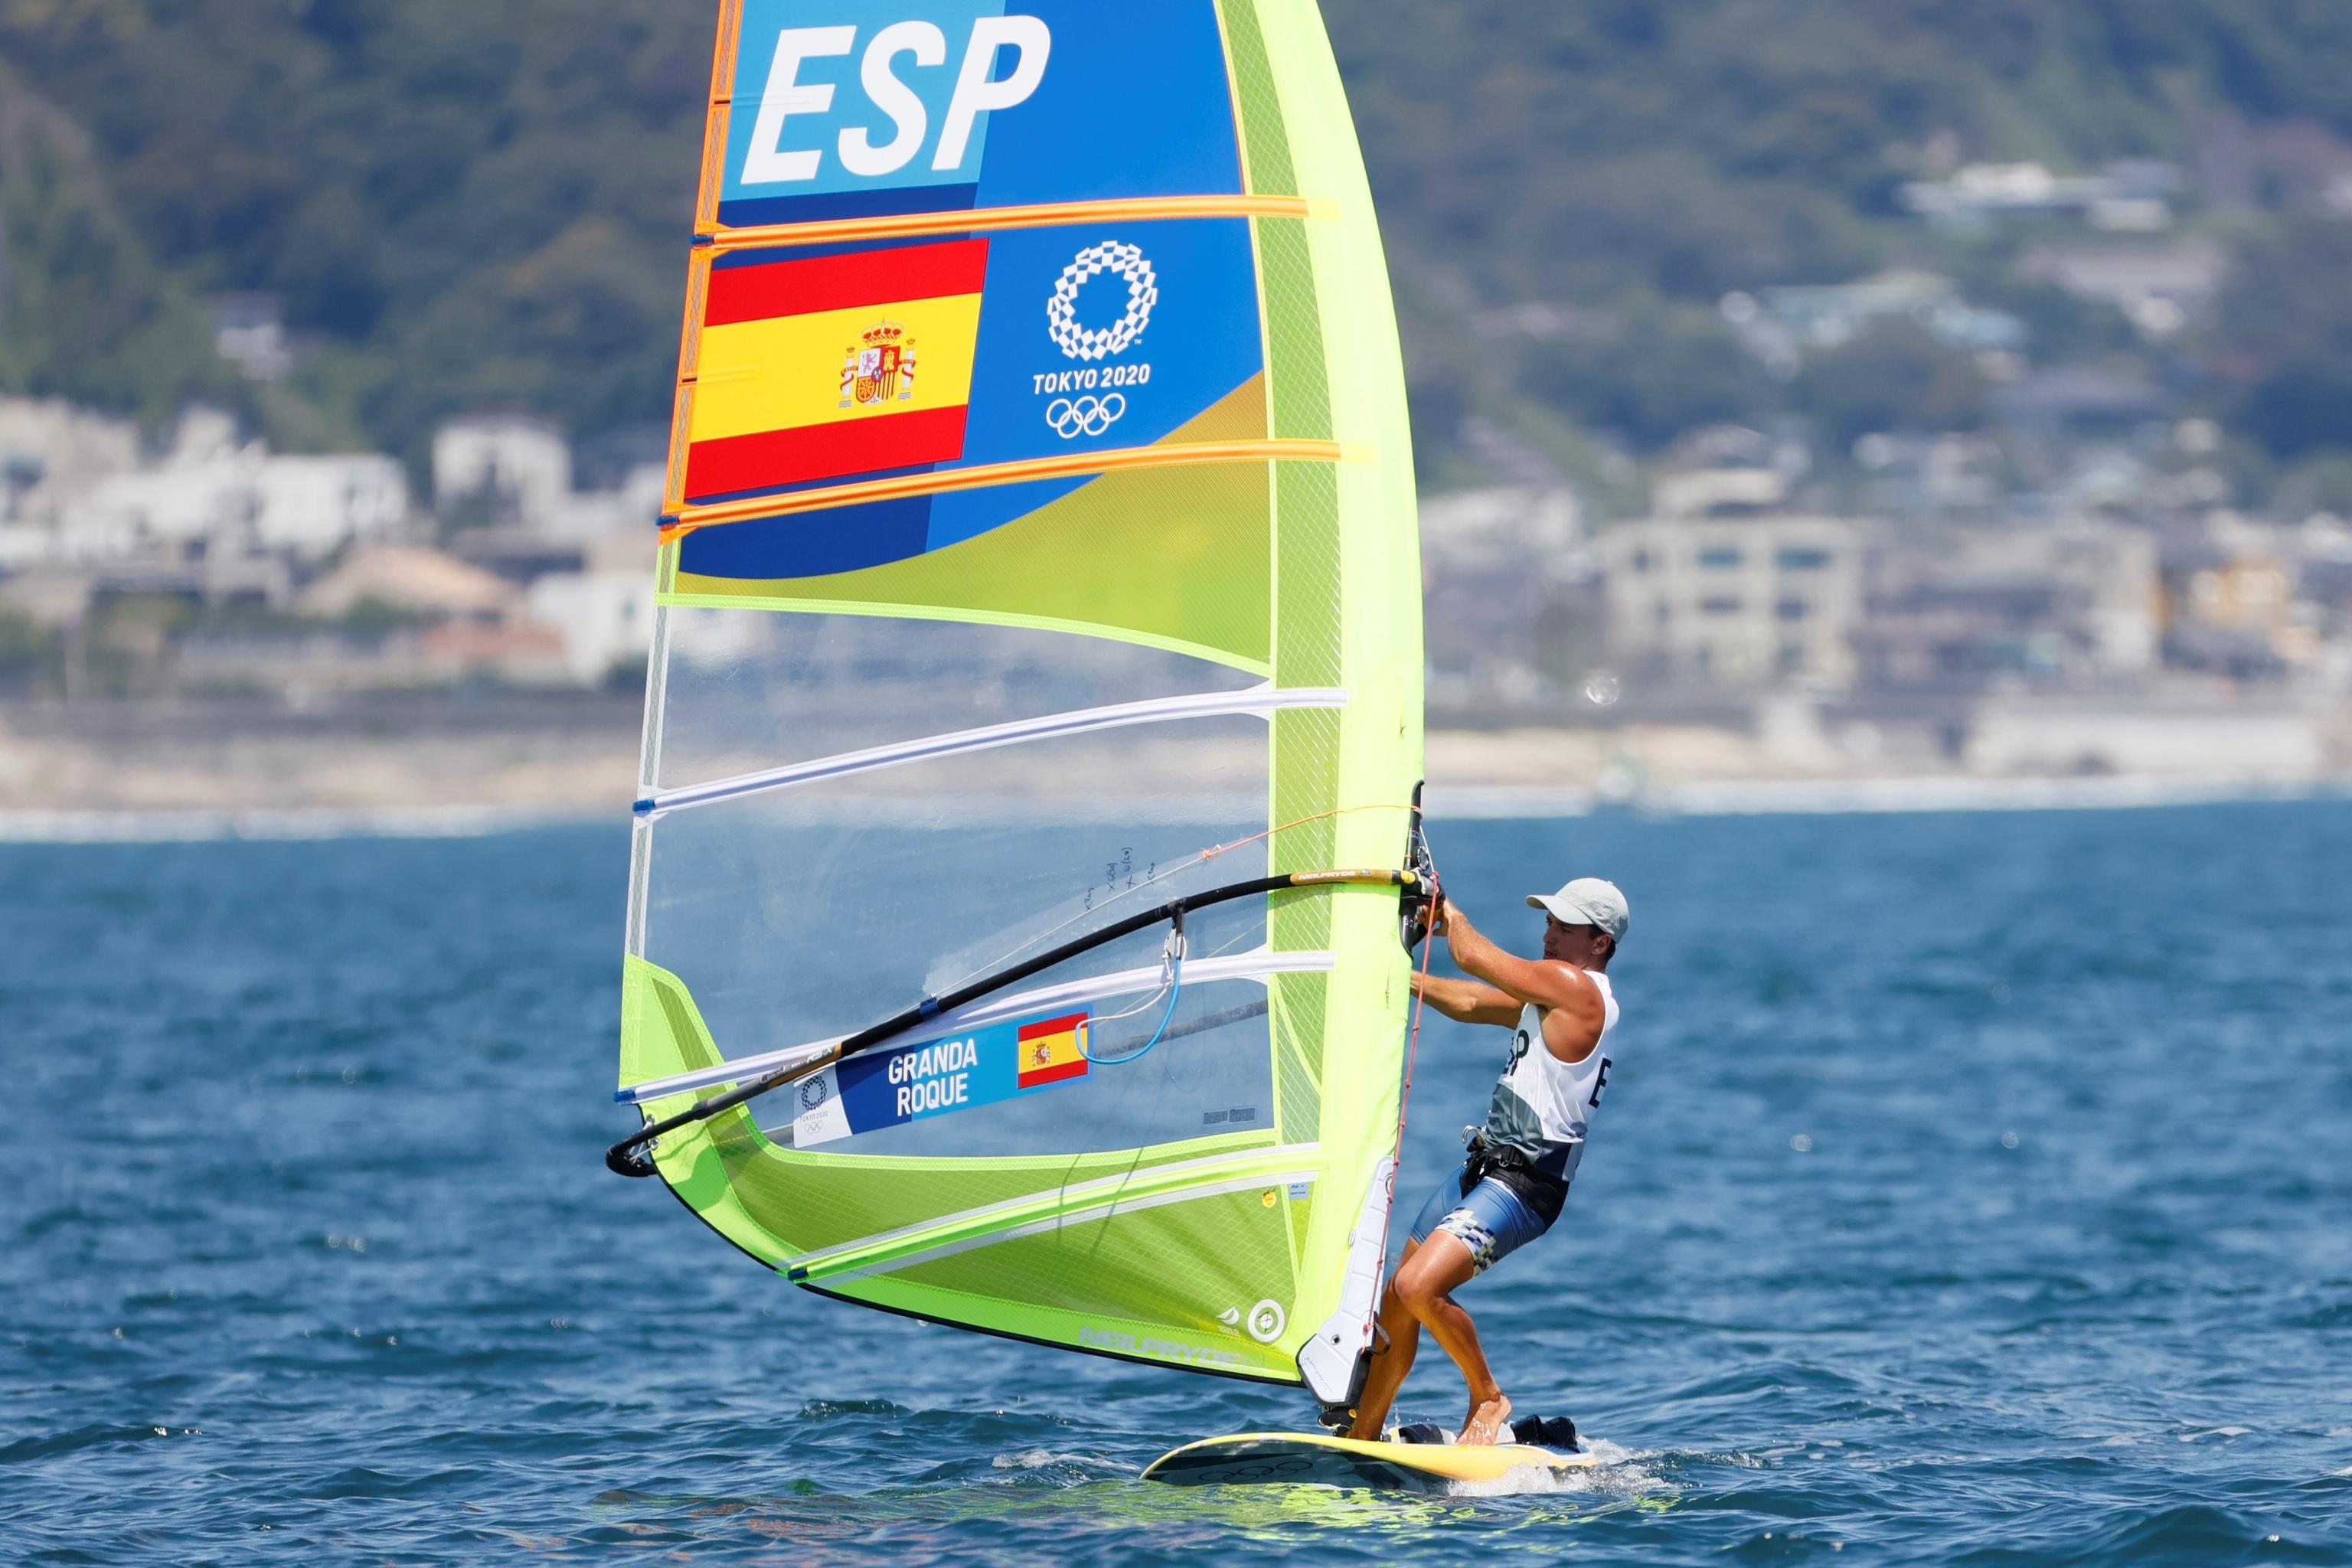 windsurf - Juegos Olímpicos 2021 - Tokio 2020